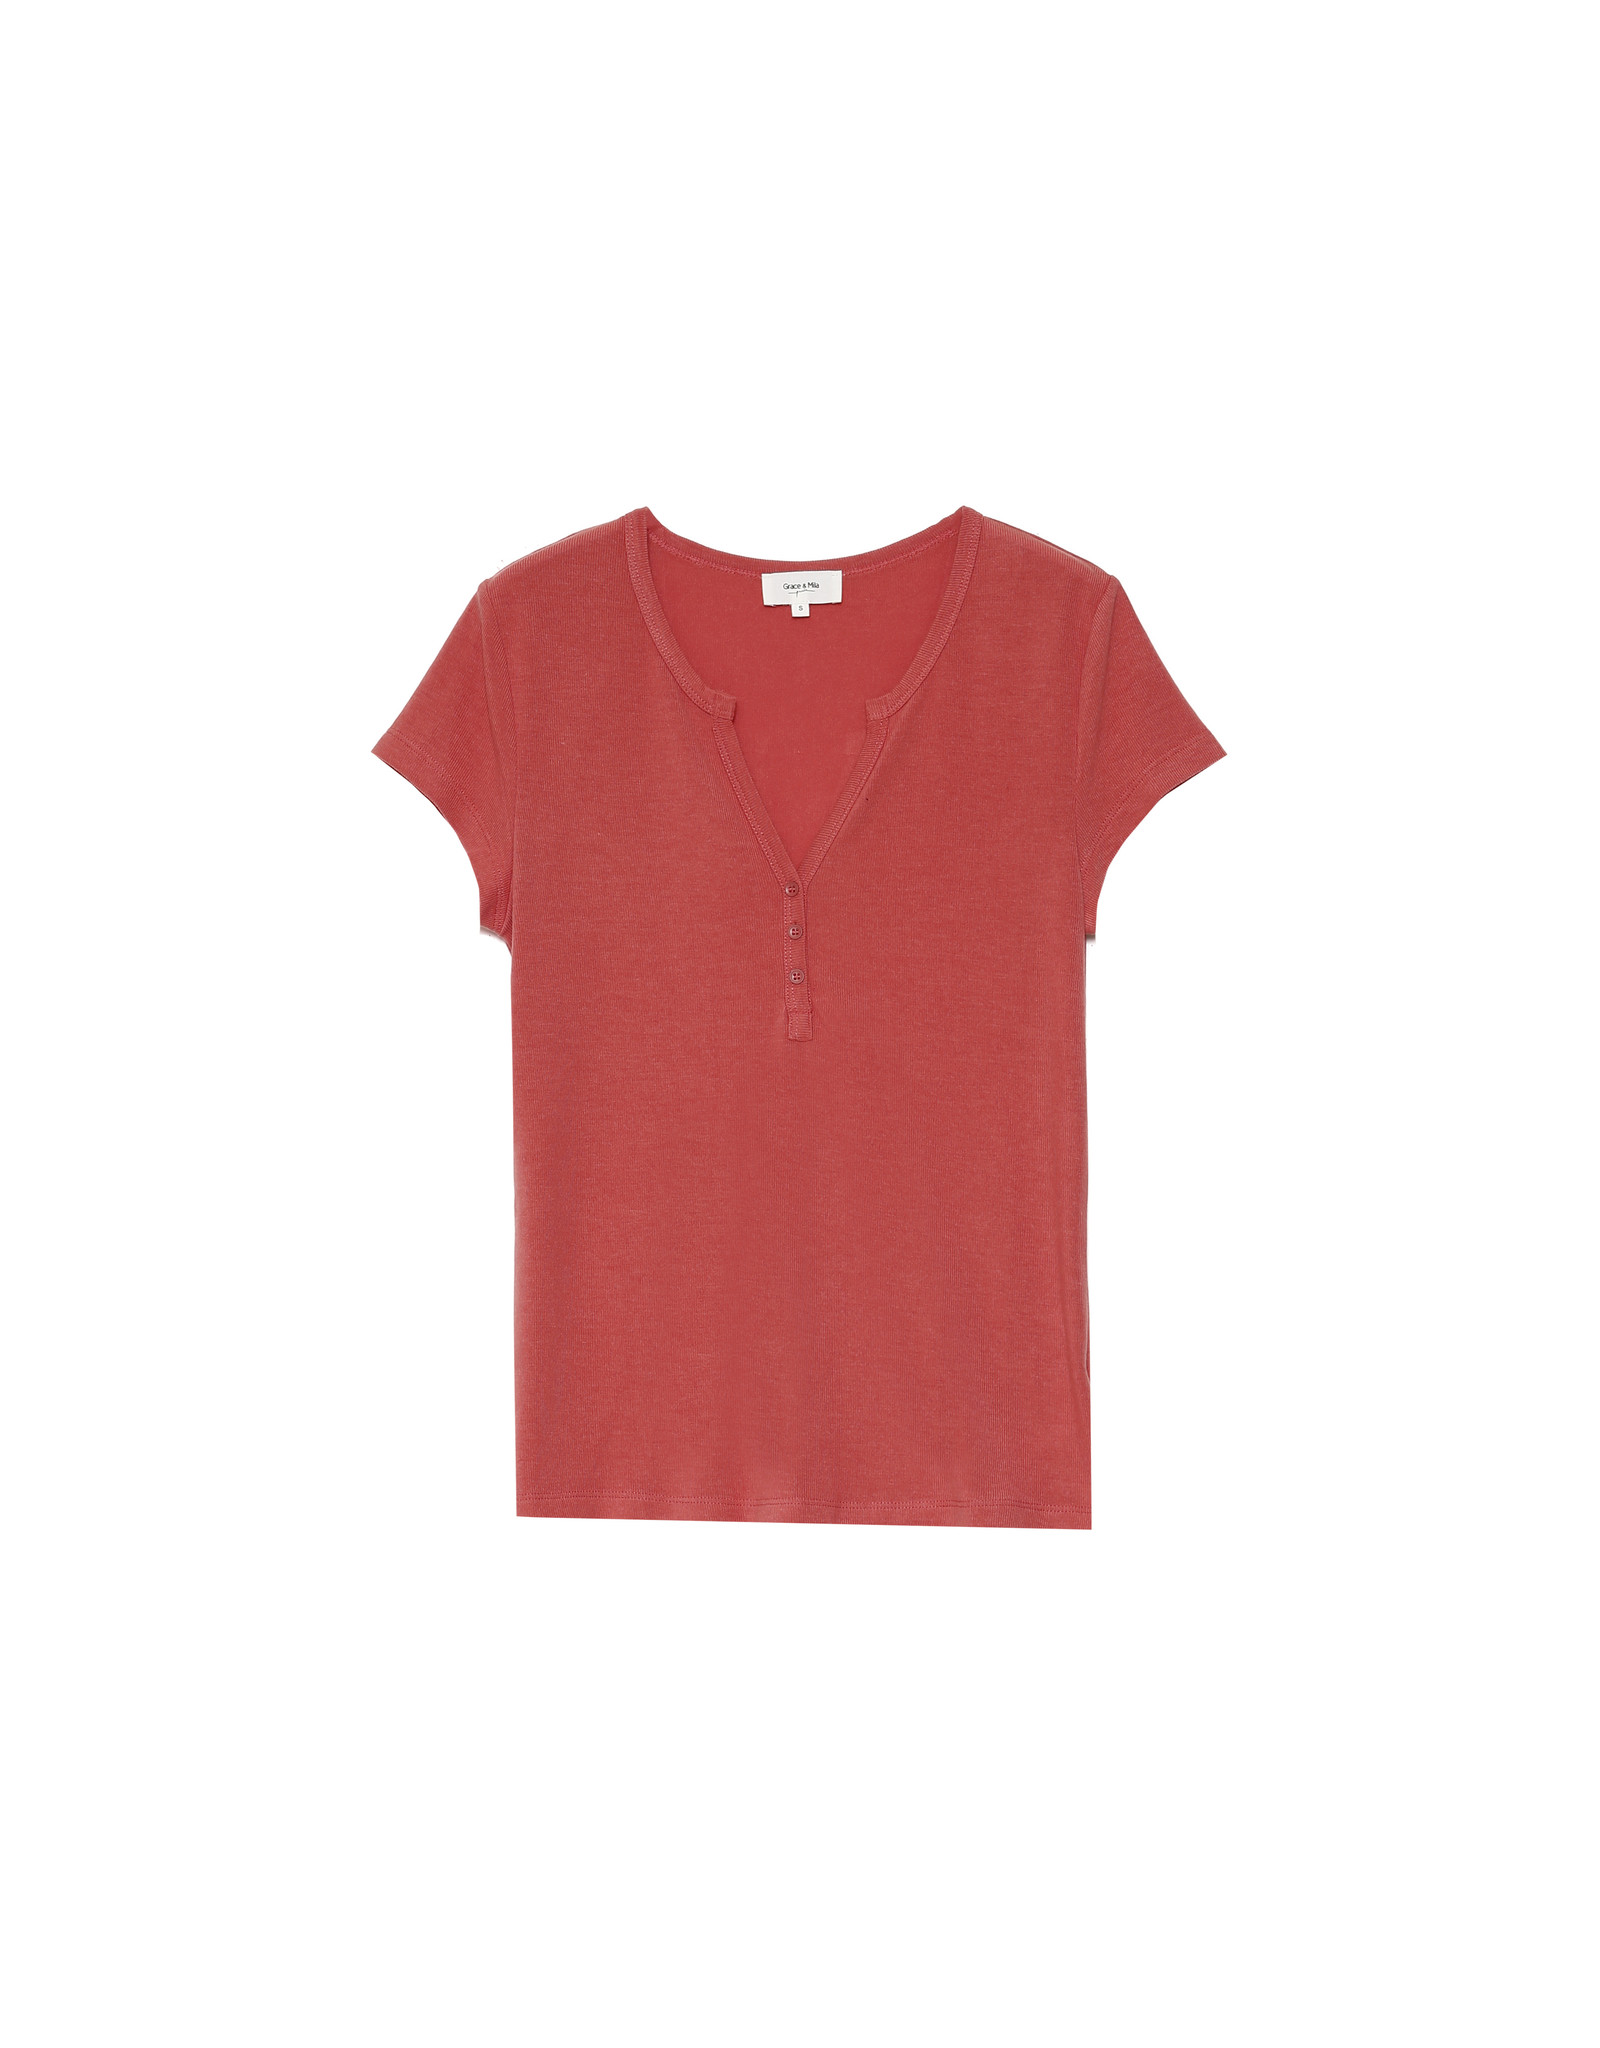 Nette T-shirt